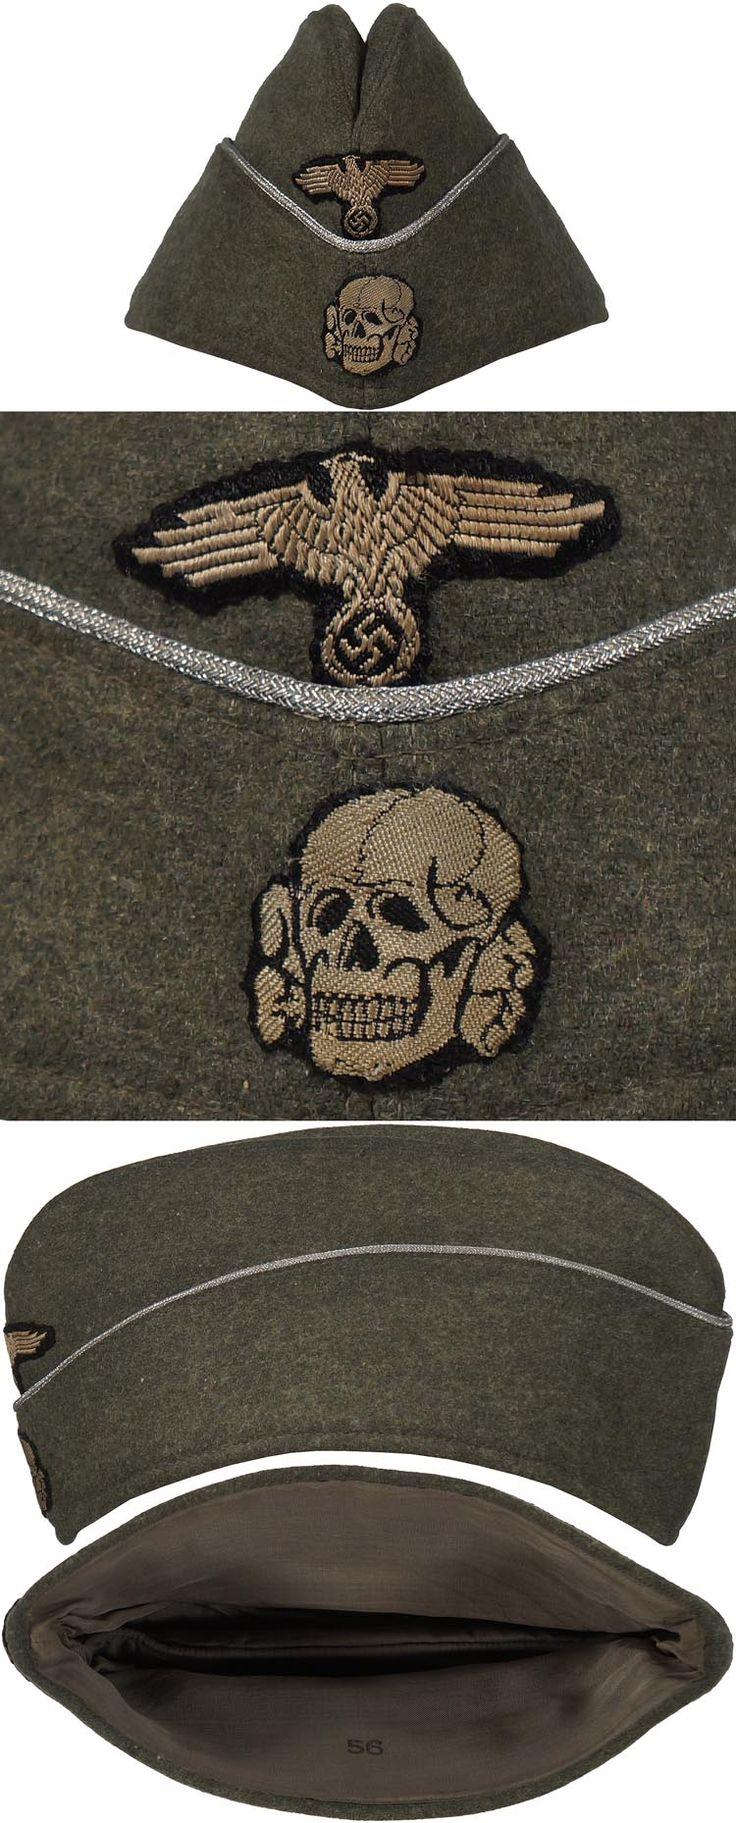 Original SS OFFICER'S M40 OVERSEAS CAP. (Feldmütze neuer Art für Führer)  Check out my website for more original WW2 items: http://www.vantiques.nl